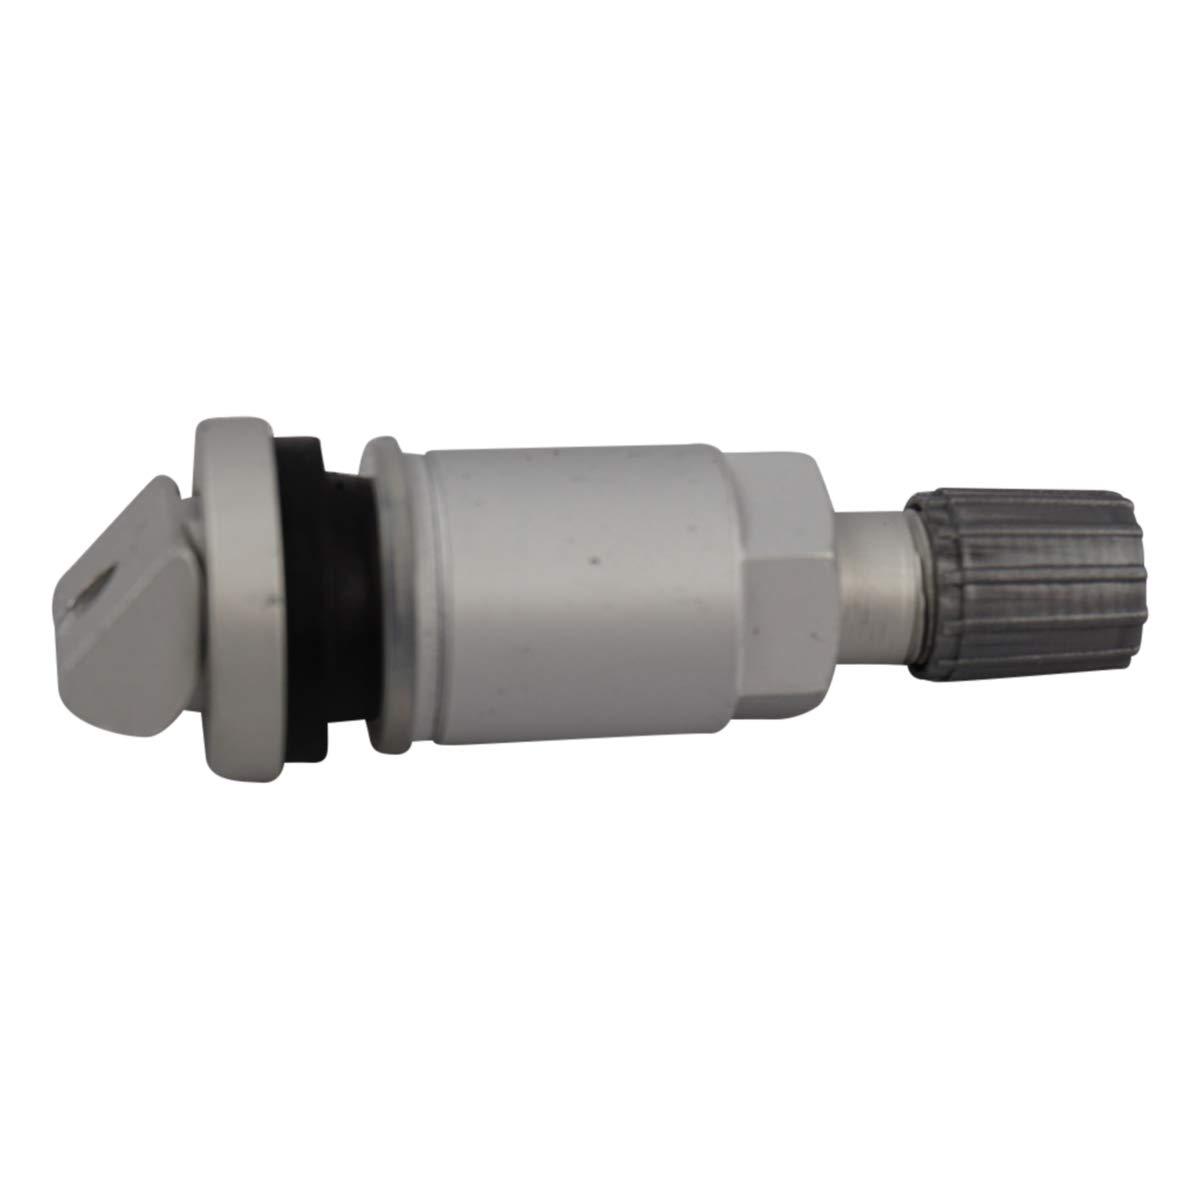 Ersatzventil f/ür Reifendrucksensor TPMS Mondeo Twowinds